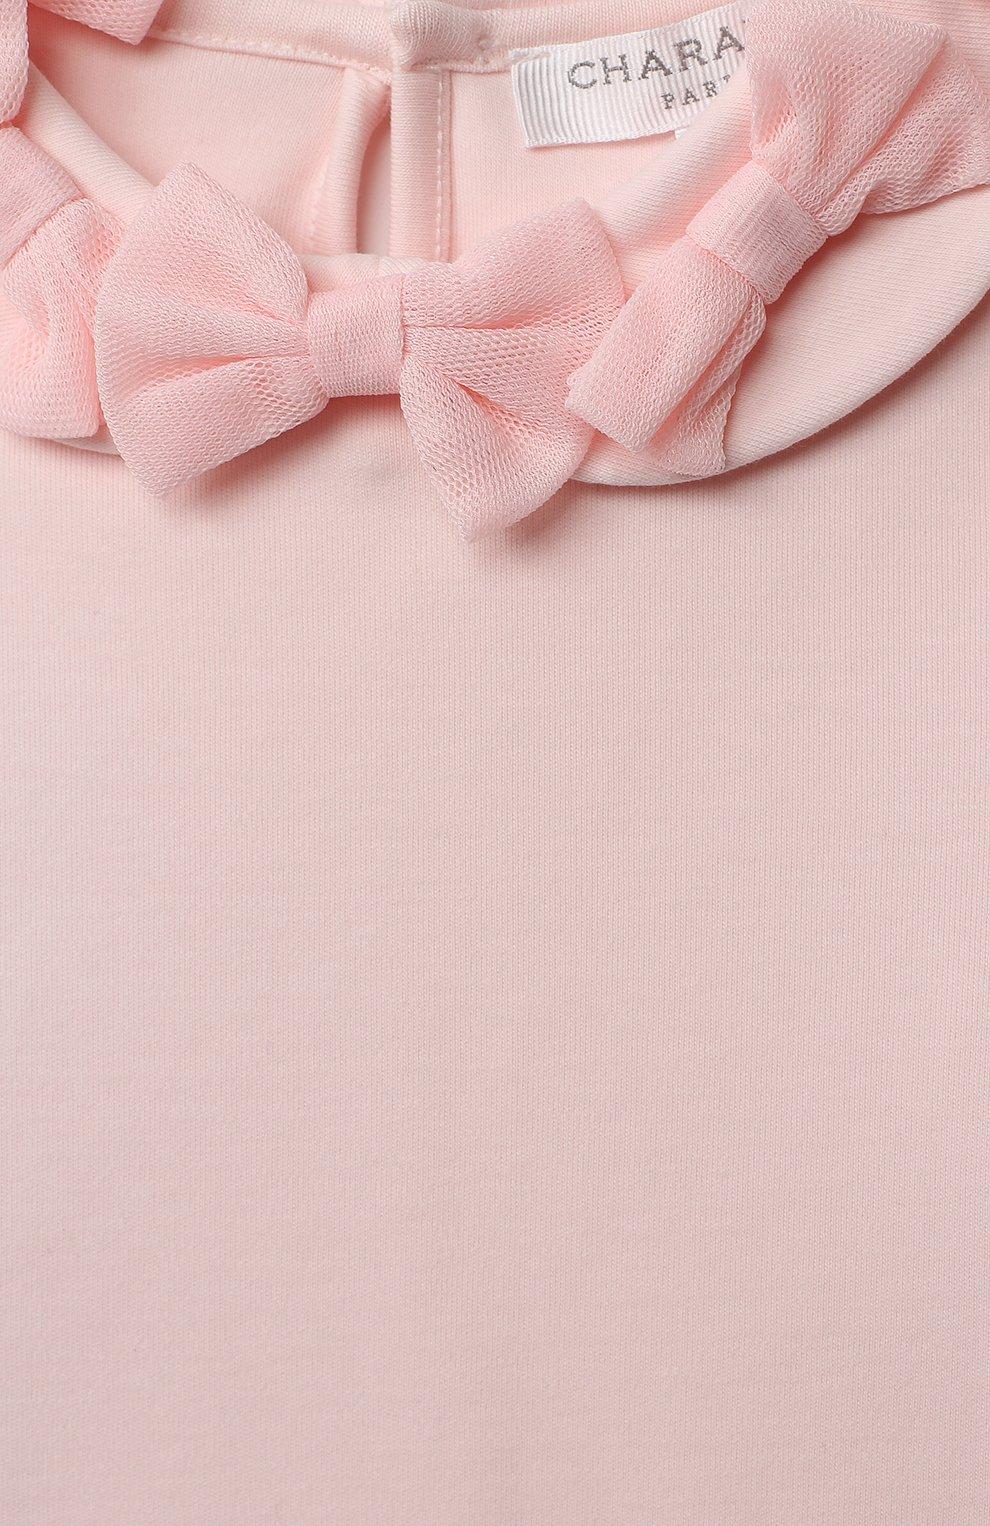 Детская хлопковый лонгслив CHARABIA розового цвета, арт. S15022 | Фото 3 (Рукава: Длинные; Материал внешний: Хлопок; Ростовка одежда: 3 года | 98 см, 4 года | 104 см, 5 лет | 110 см, 6 лет | 116 см, 8 лет | 128 см)